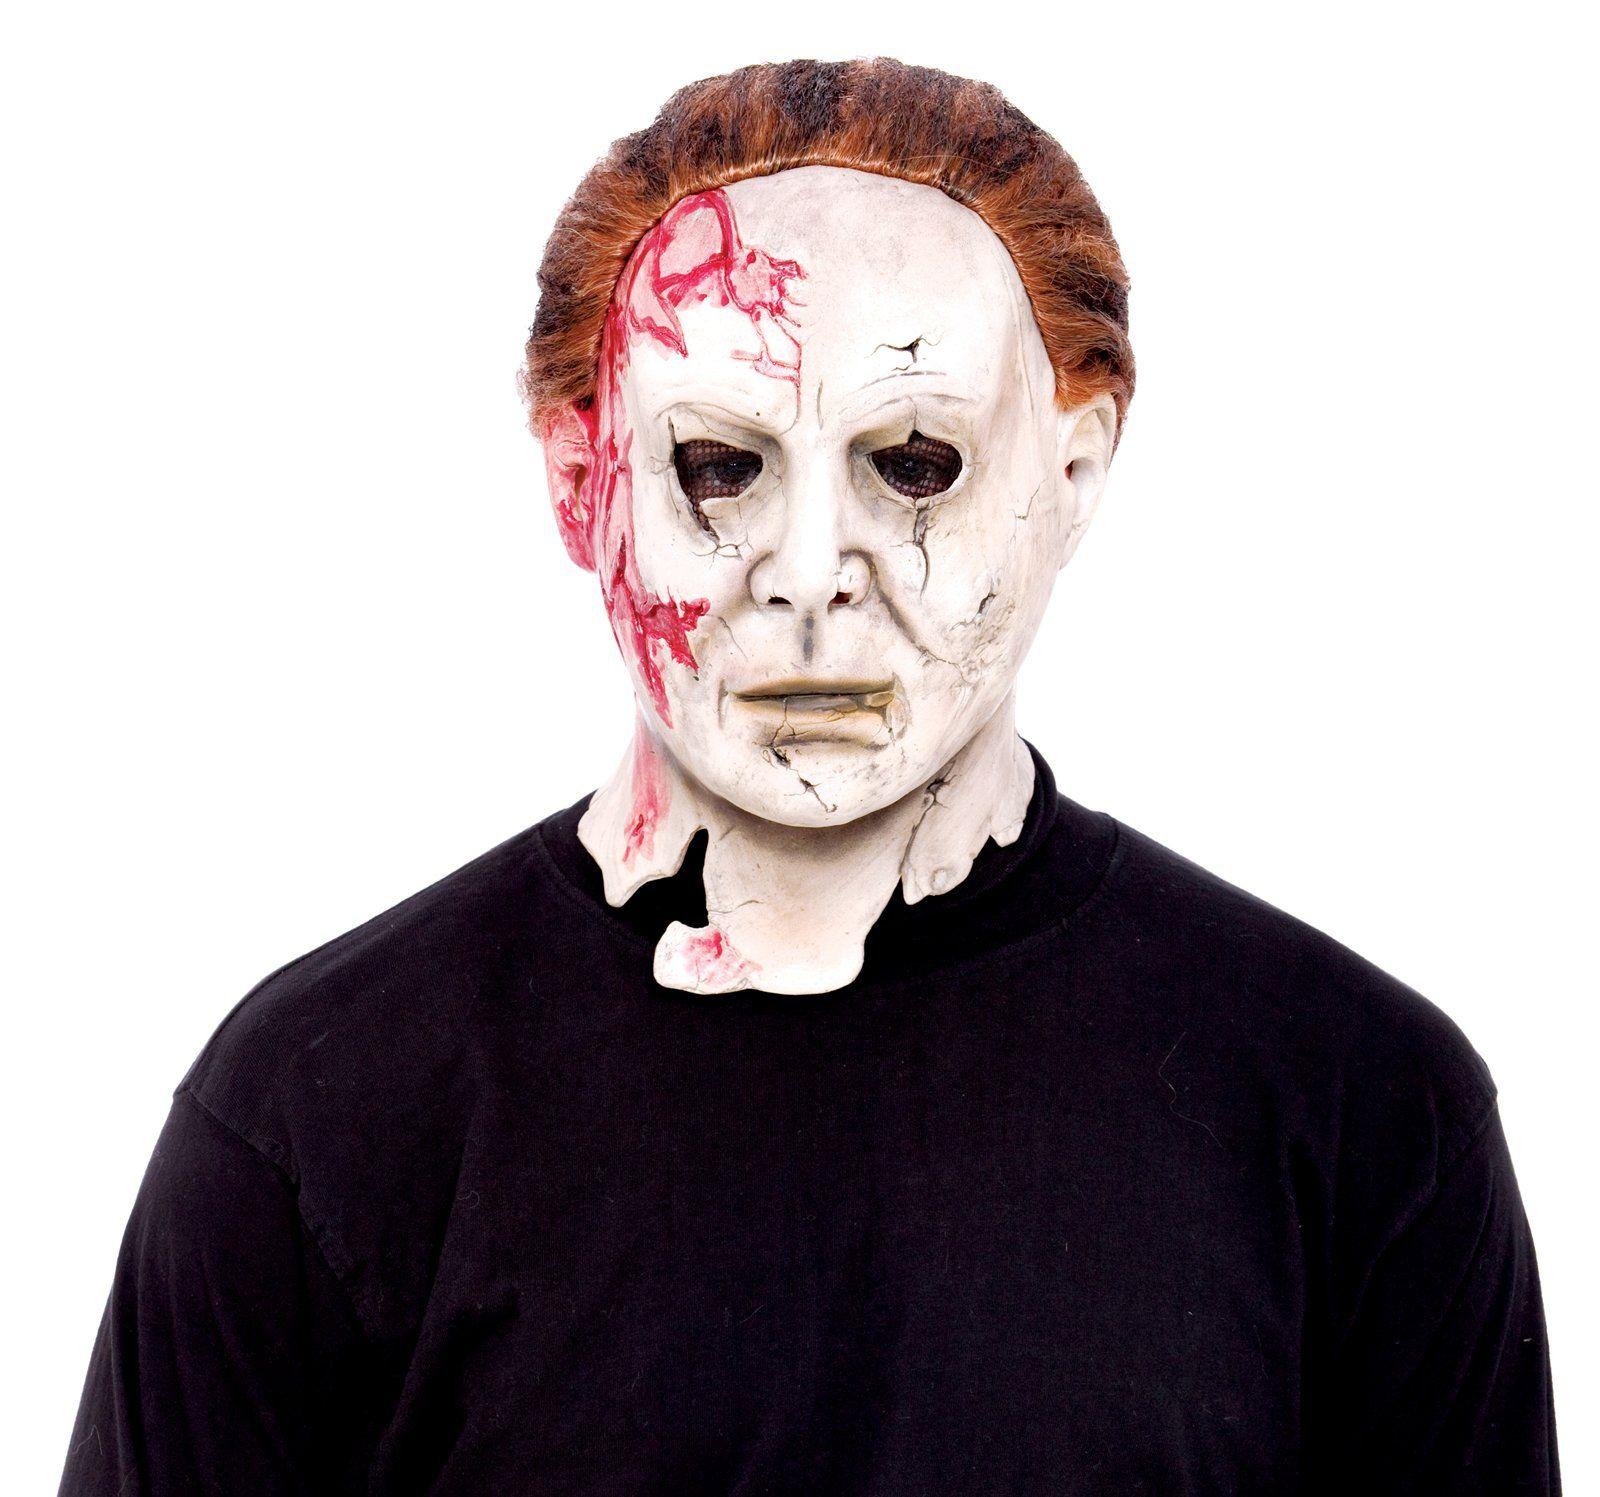 halloween mask images Halloween 2 Michael Myers Adult